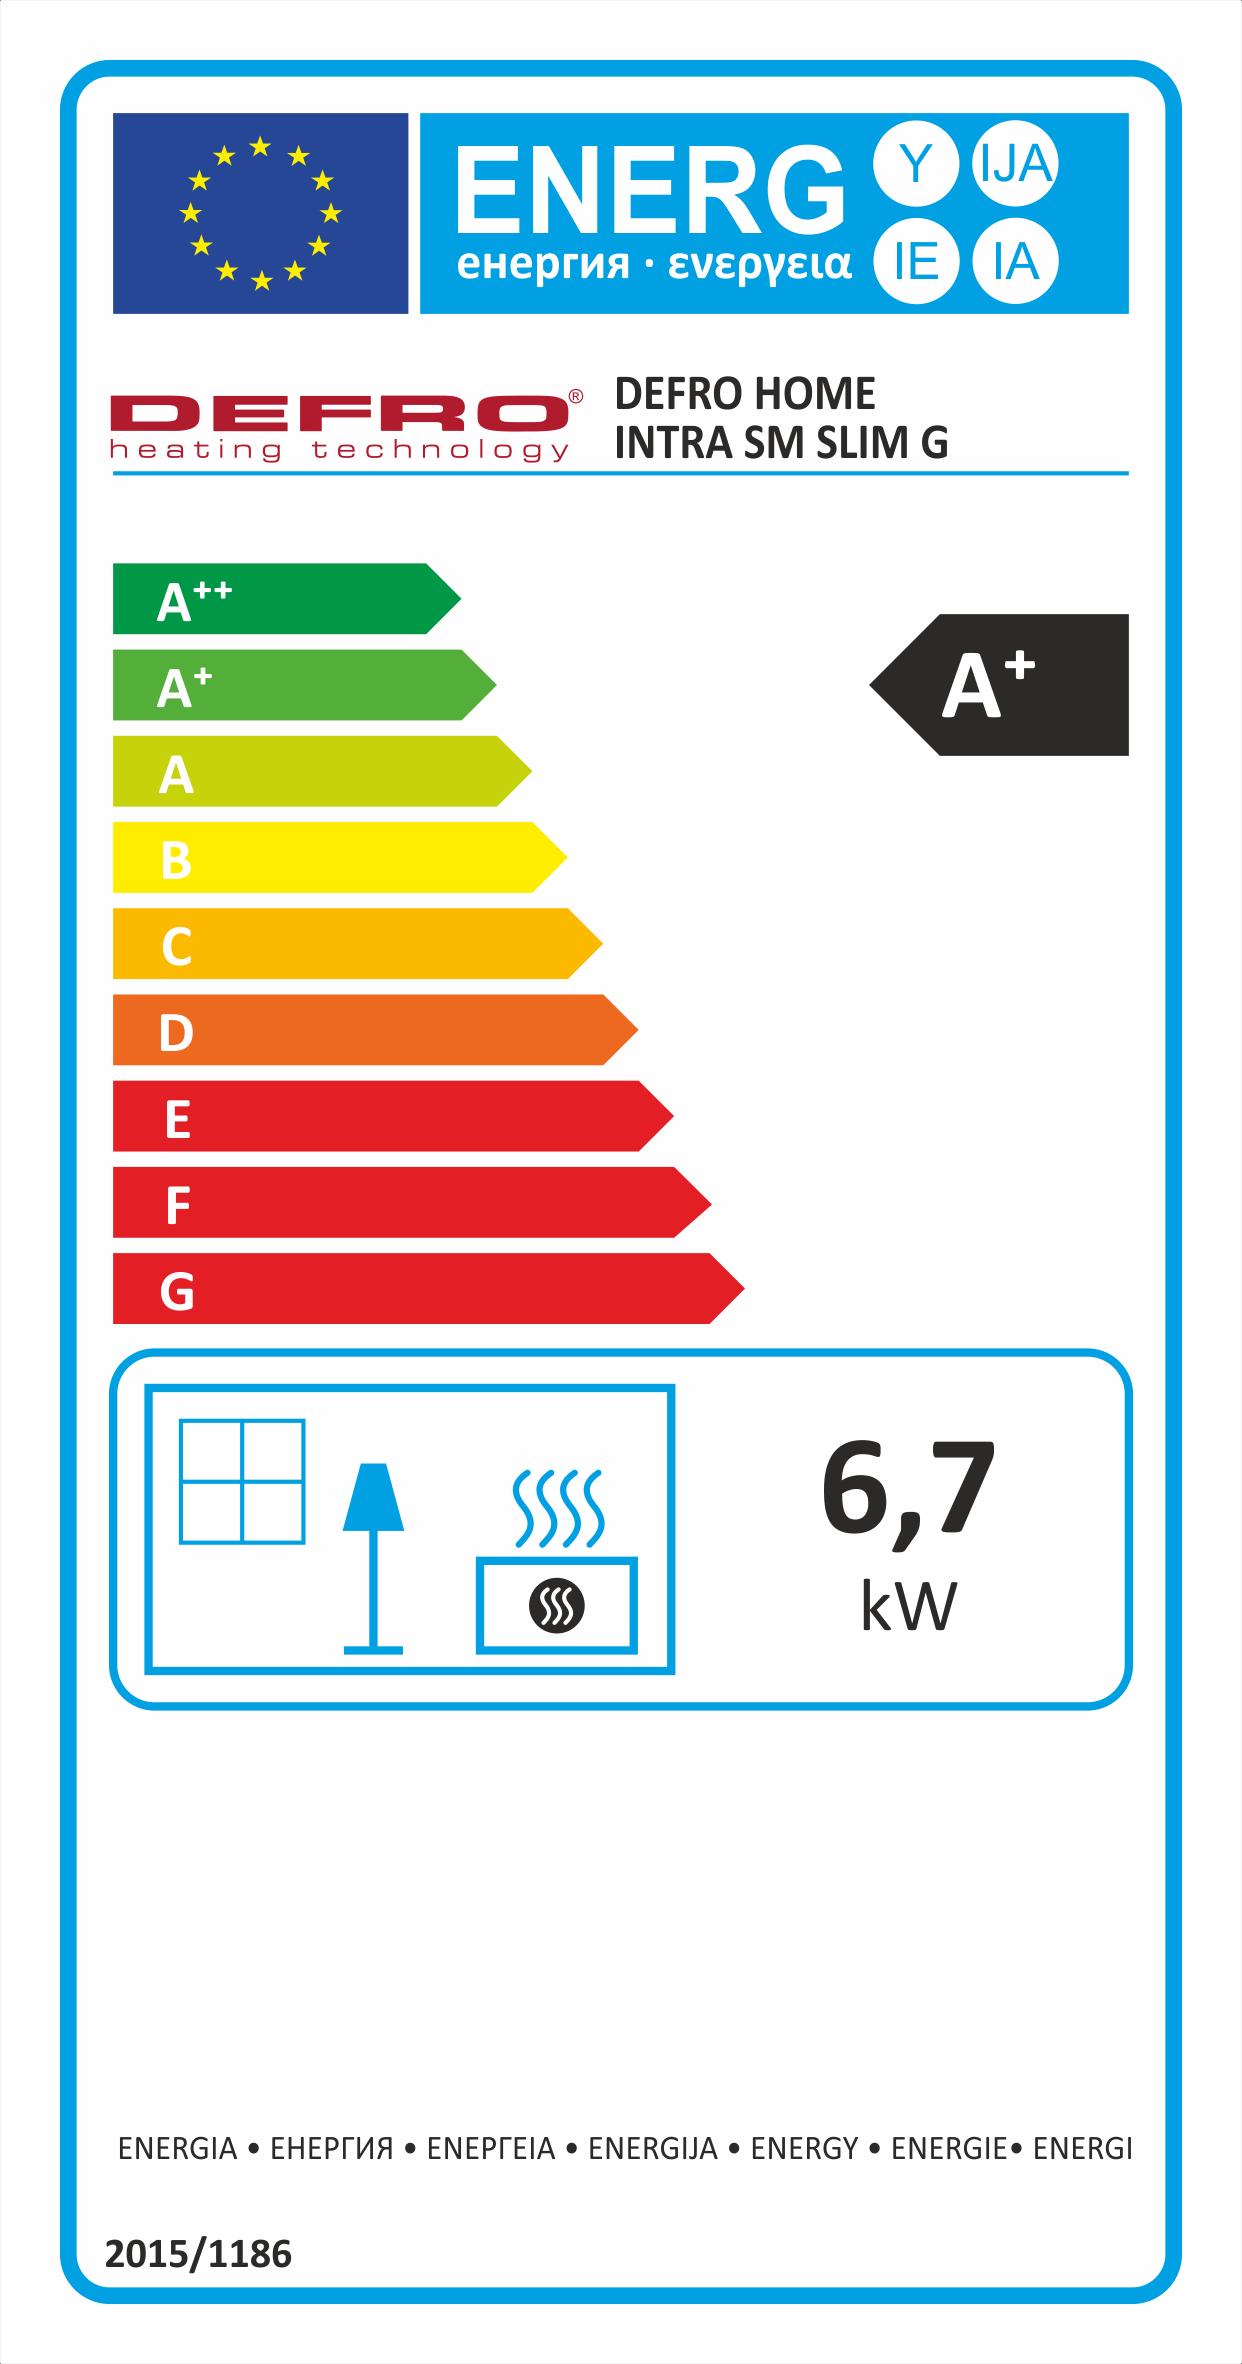 Defro Home Intra SM SLIM energeticky stitok krbyonline